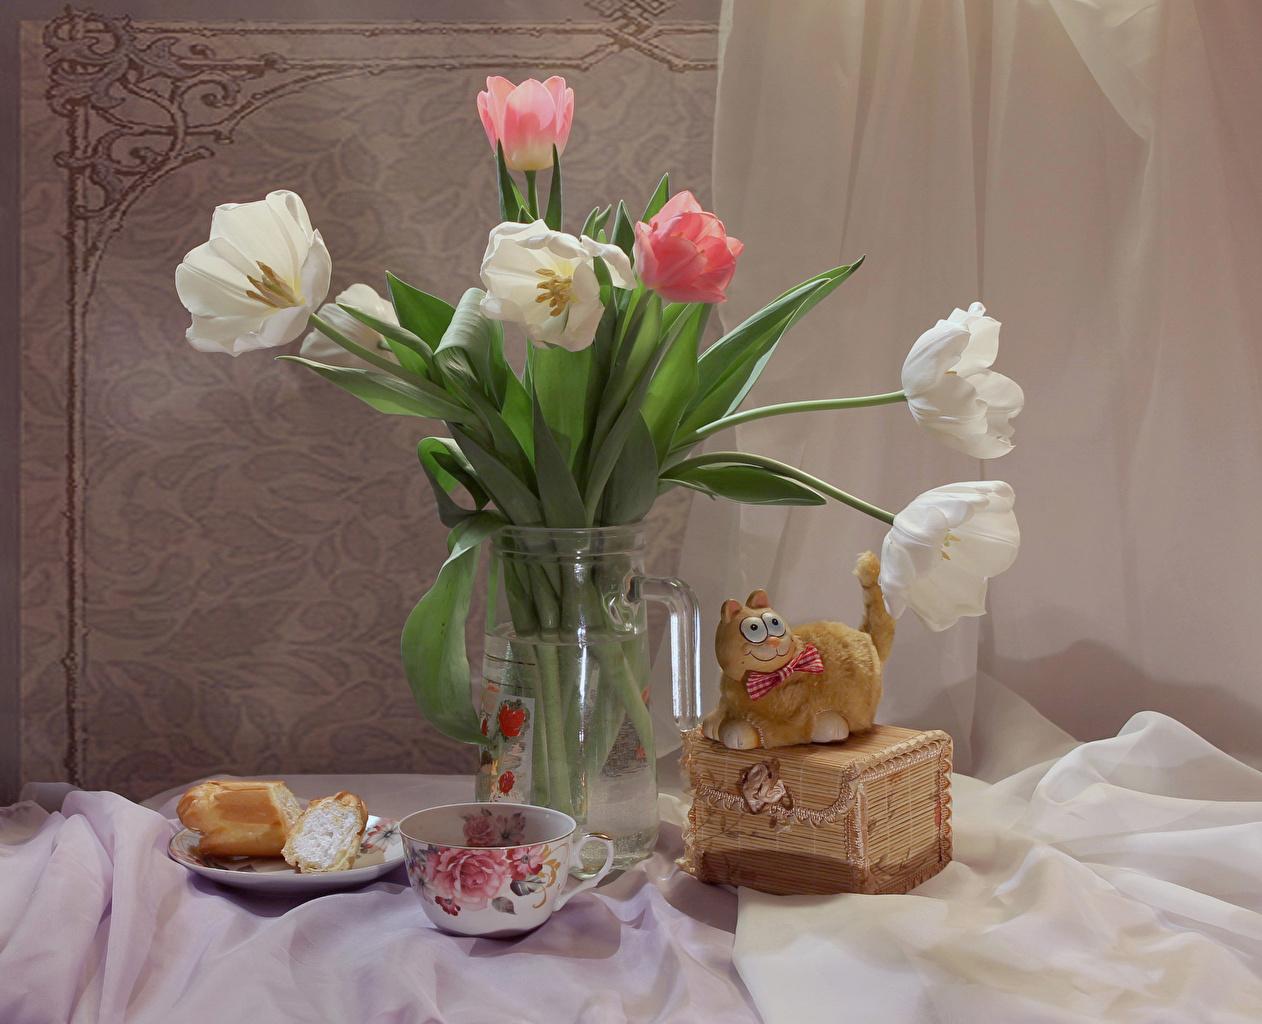 Картинки кот Тюльпаны Цветы вазе чашке Натюрморт коты Кошки кошка тюльпан цветок вазы Ваза Чашка